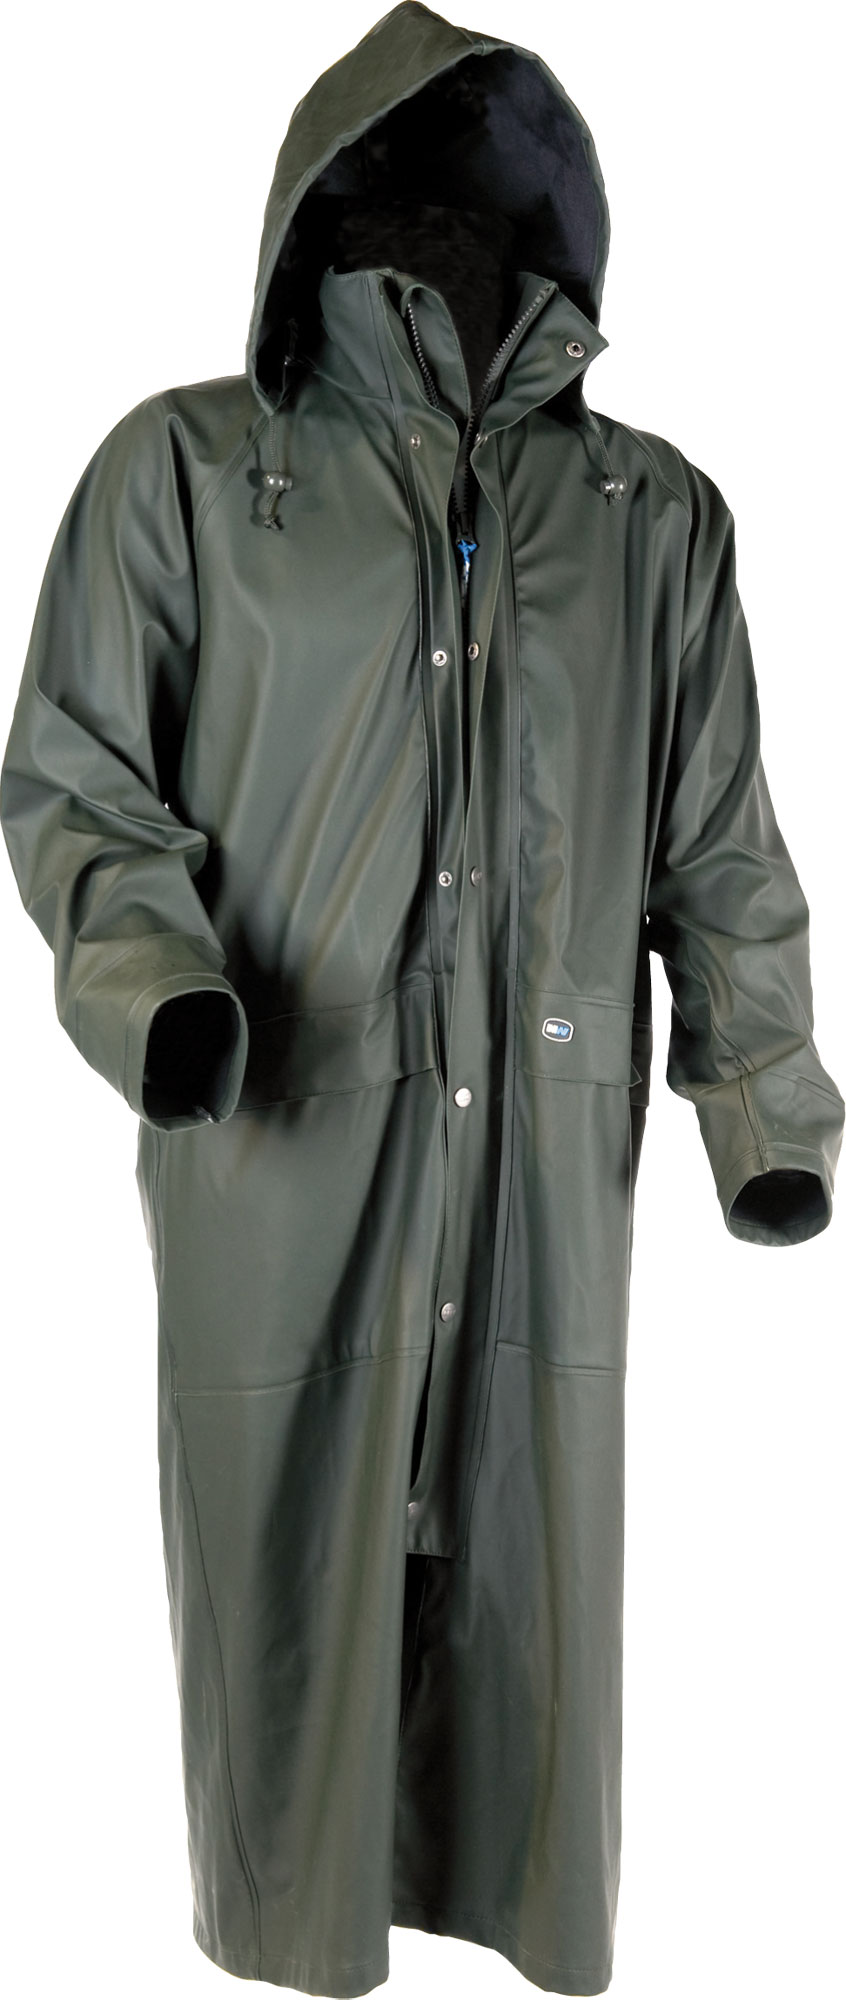 manteau pluie travail vetement flex cx